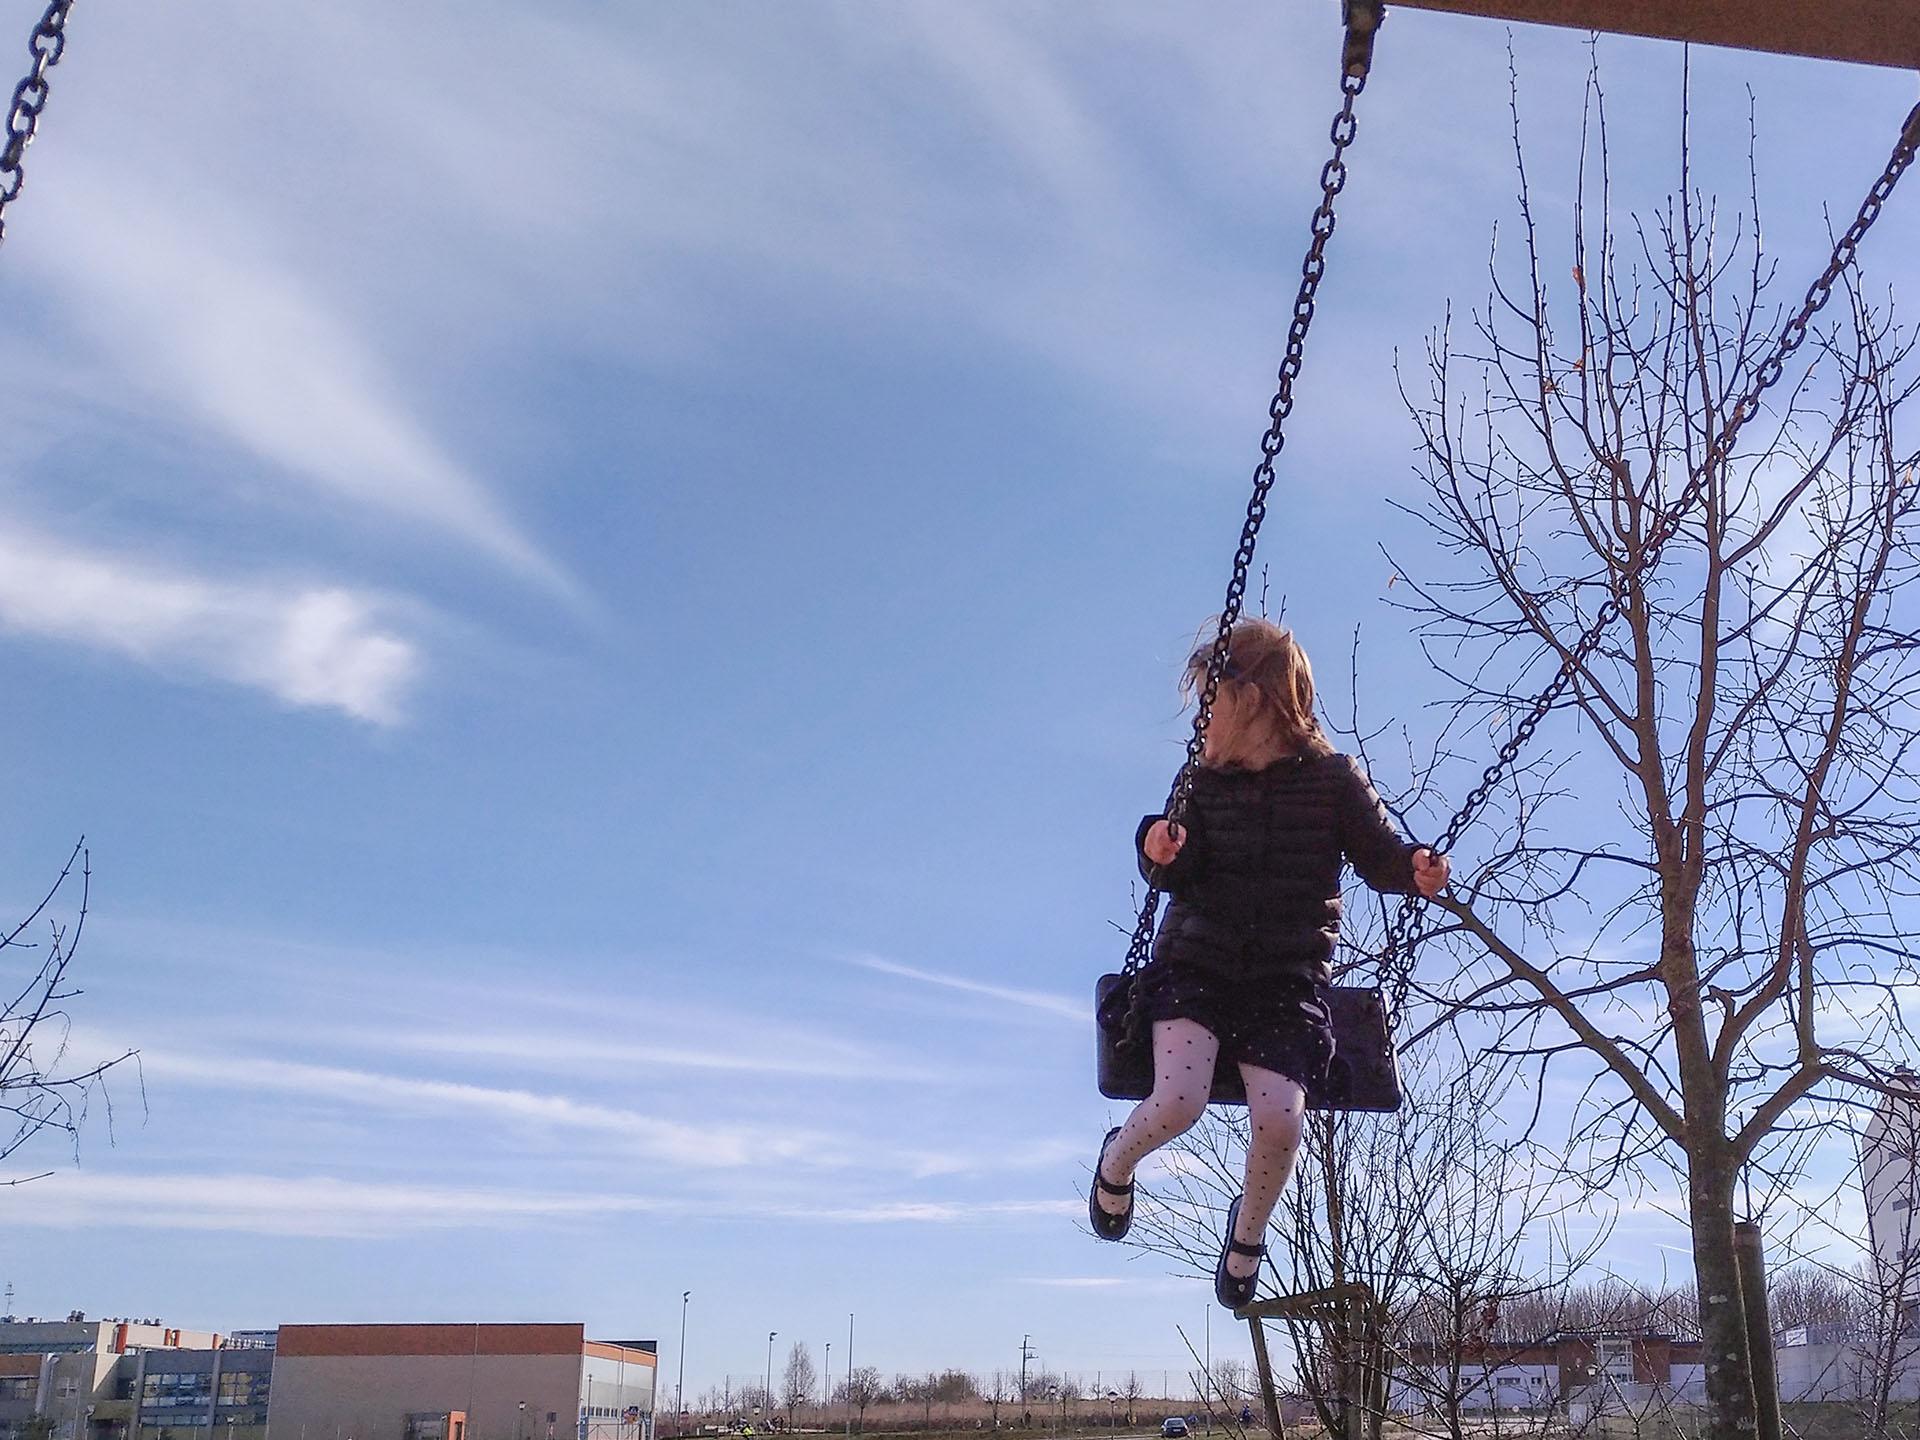 dziewczynka-na-huśtawce, przegrzewanie dzieci, hartowanie, odporność